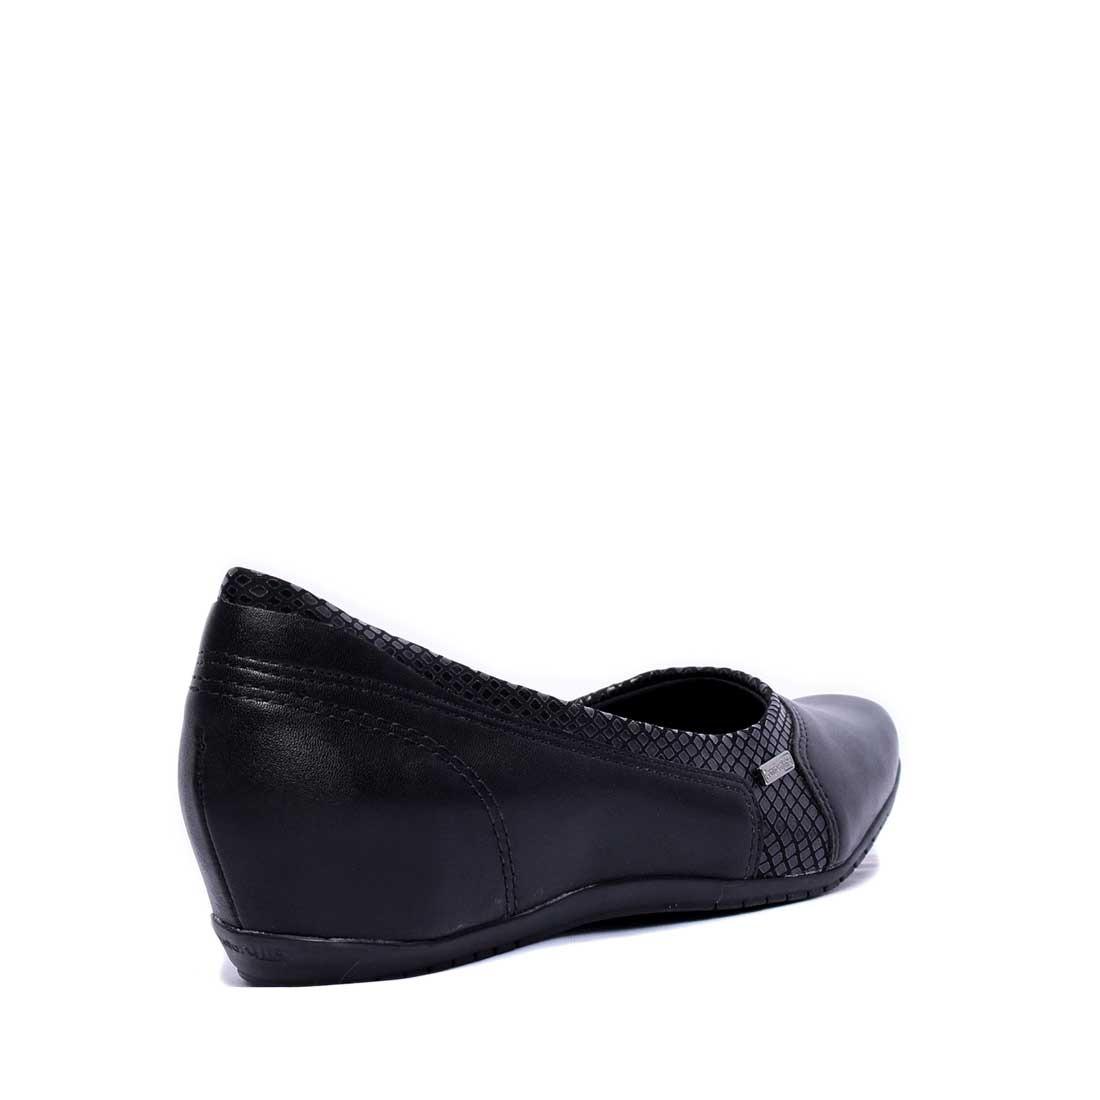 0d0f1f1ec Carregando zoom... sapato feminino casual comfortflex flats ultrasoft